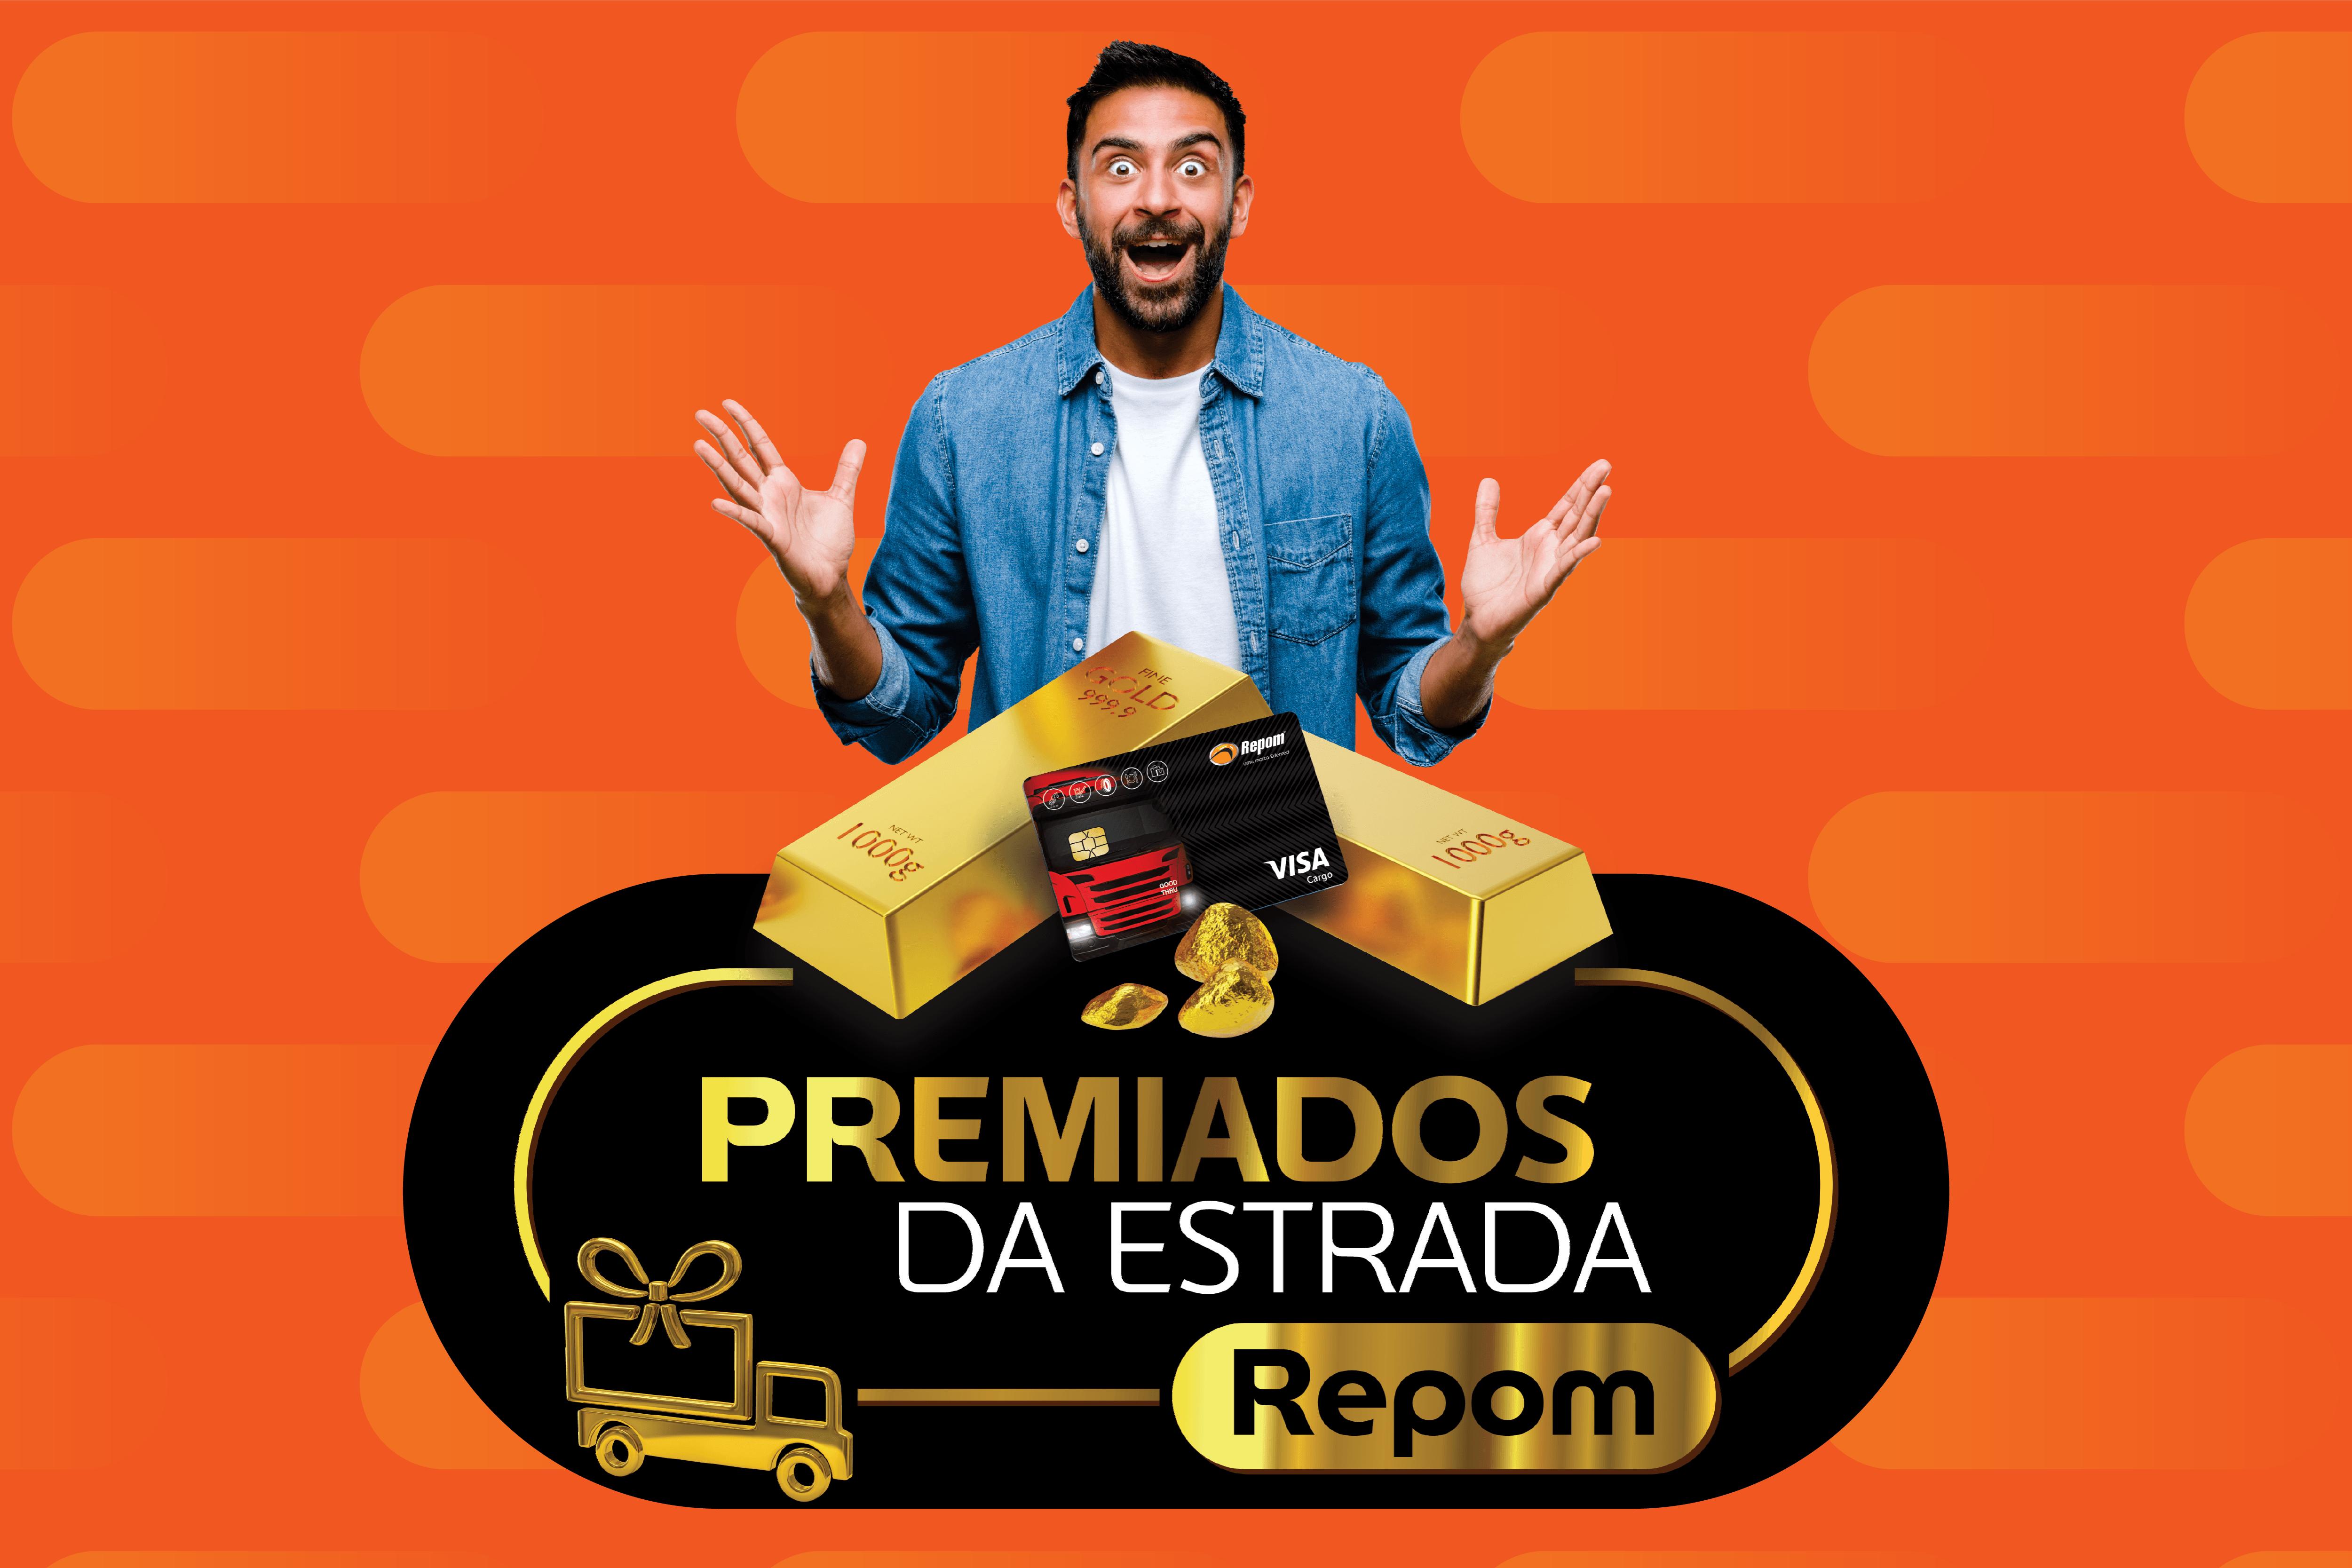 Promoção Premiados da Estrada Repom está de volta com R$ 160 mil em prêmios para caminhoneiros